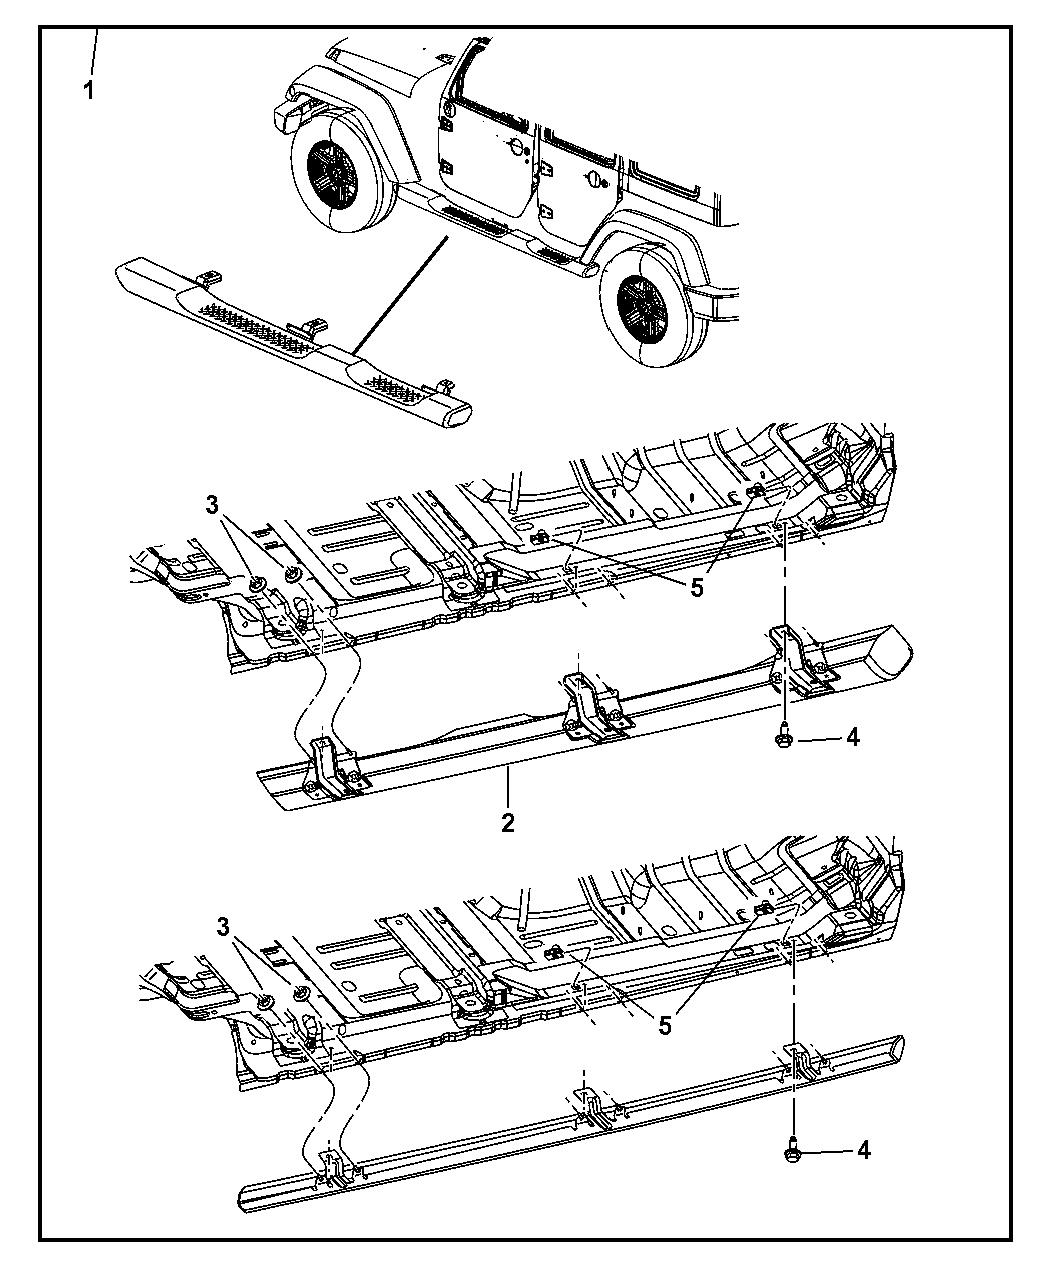 Jeep Wrangler Tj 2004 Full Service Repair Manual